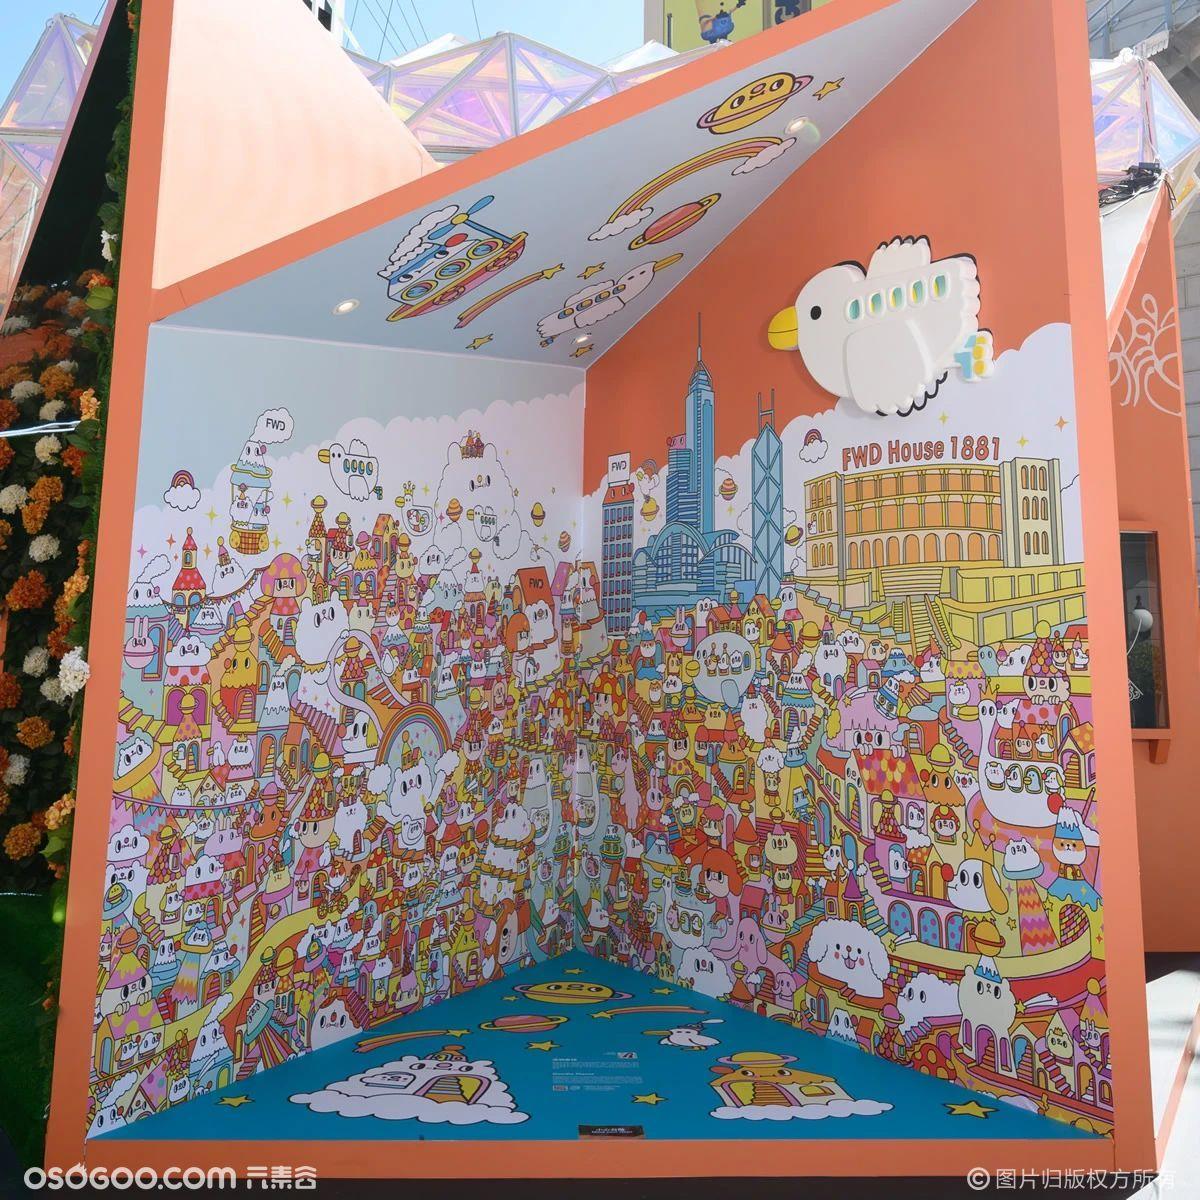 香港「敢乐艺术 · 敢闯人生艺术展」